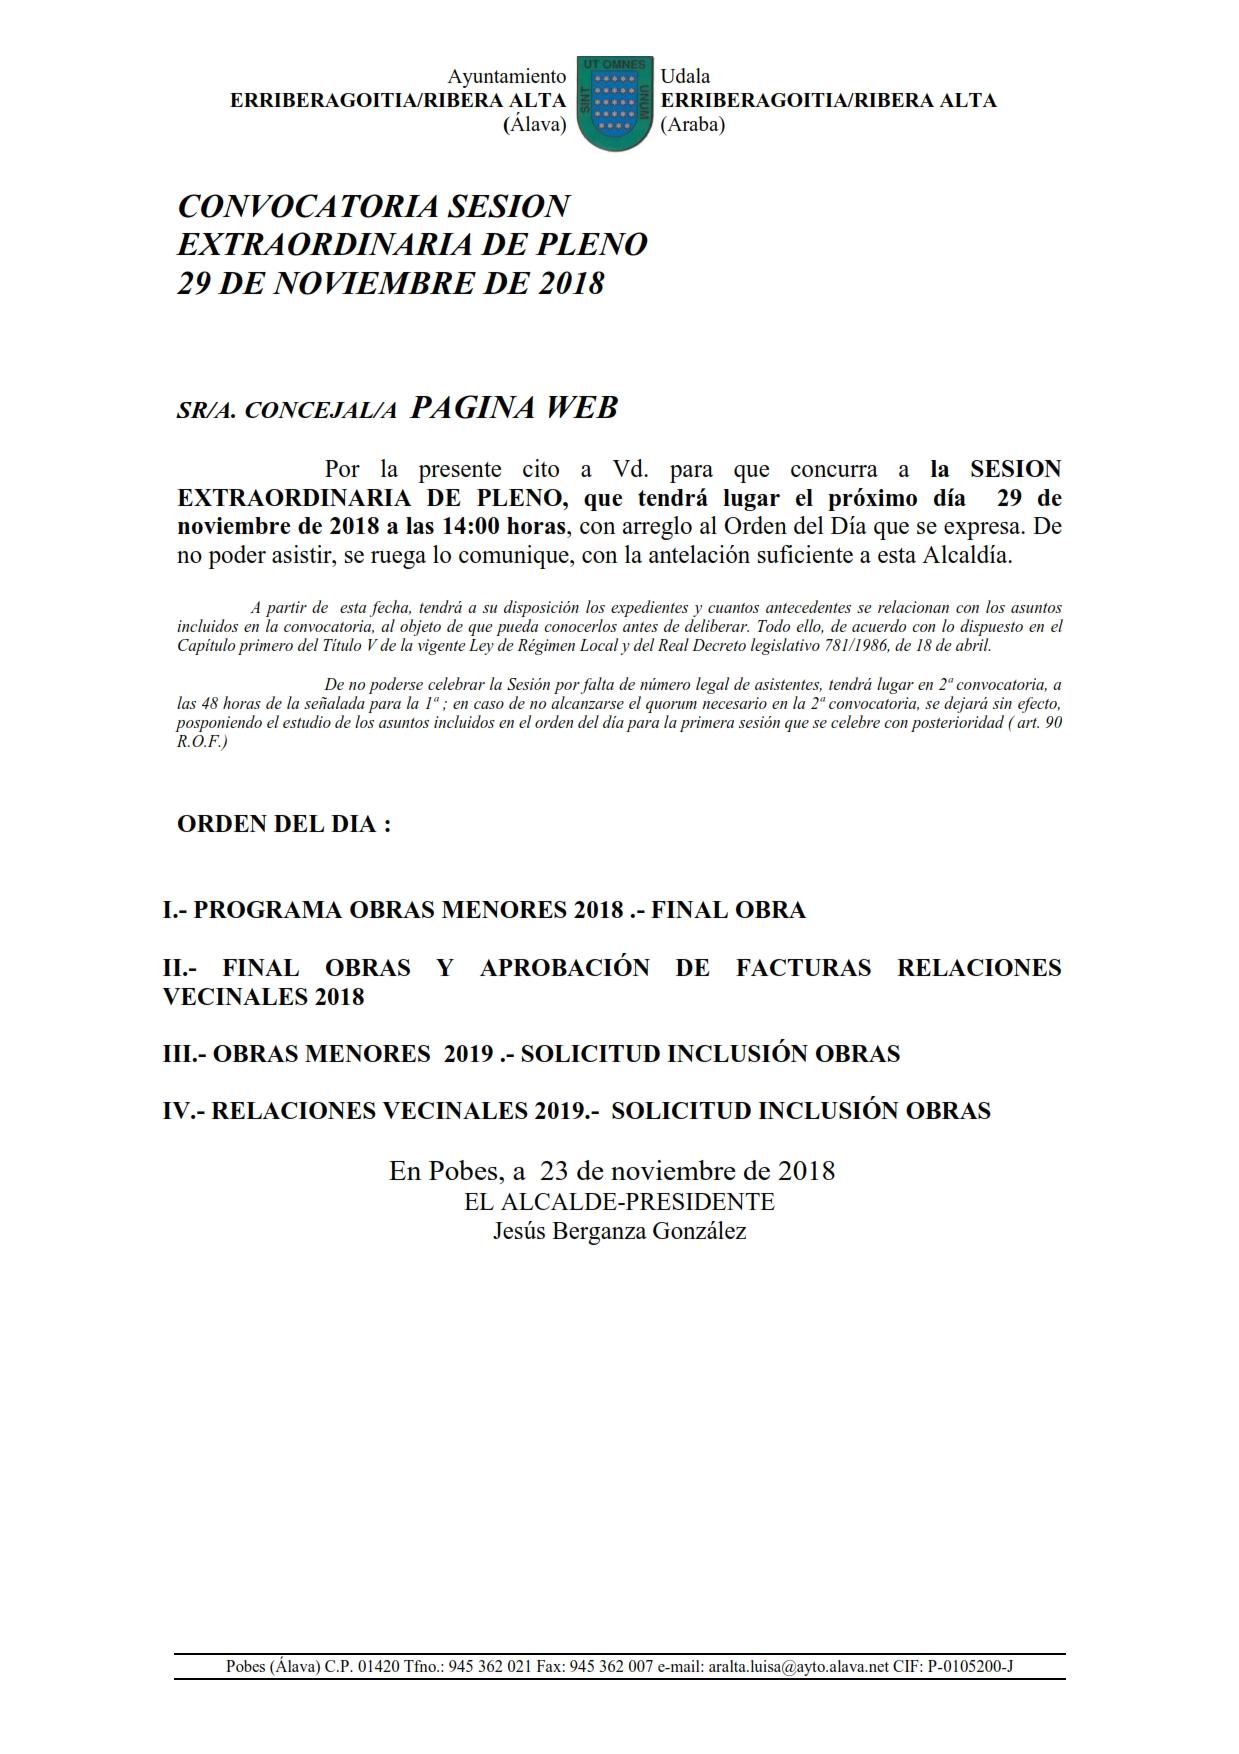 CONVOCATORIA SESIÓN EXTRAORDINARIA DE PLENO 29 DE NOVIEMBRE DE 2018